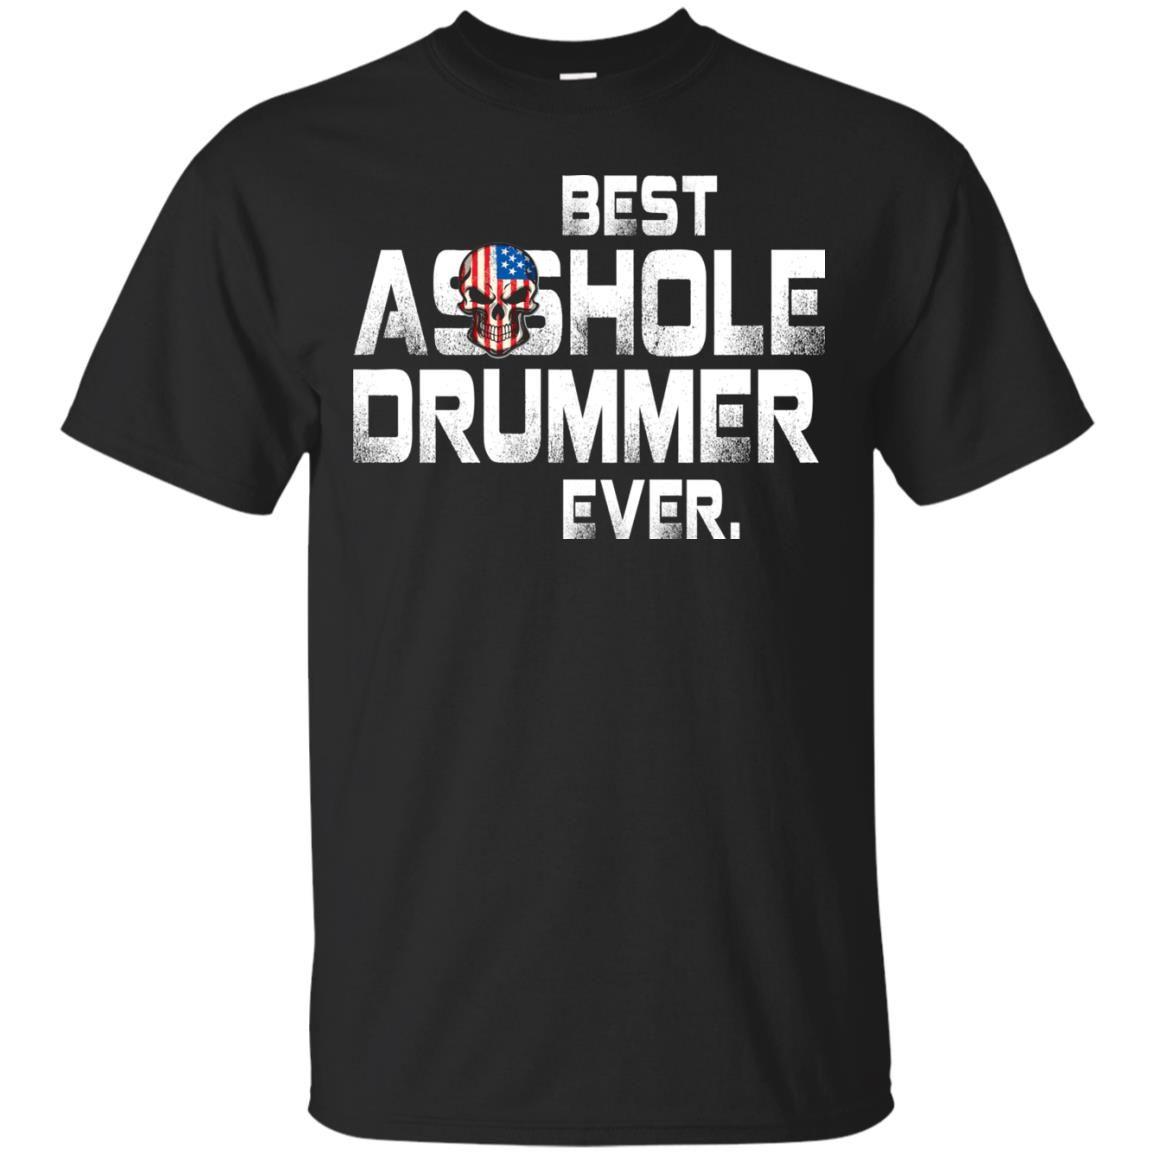 image 1635 - Best Asshole Drummer Ever shirt, sweater, tank top